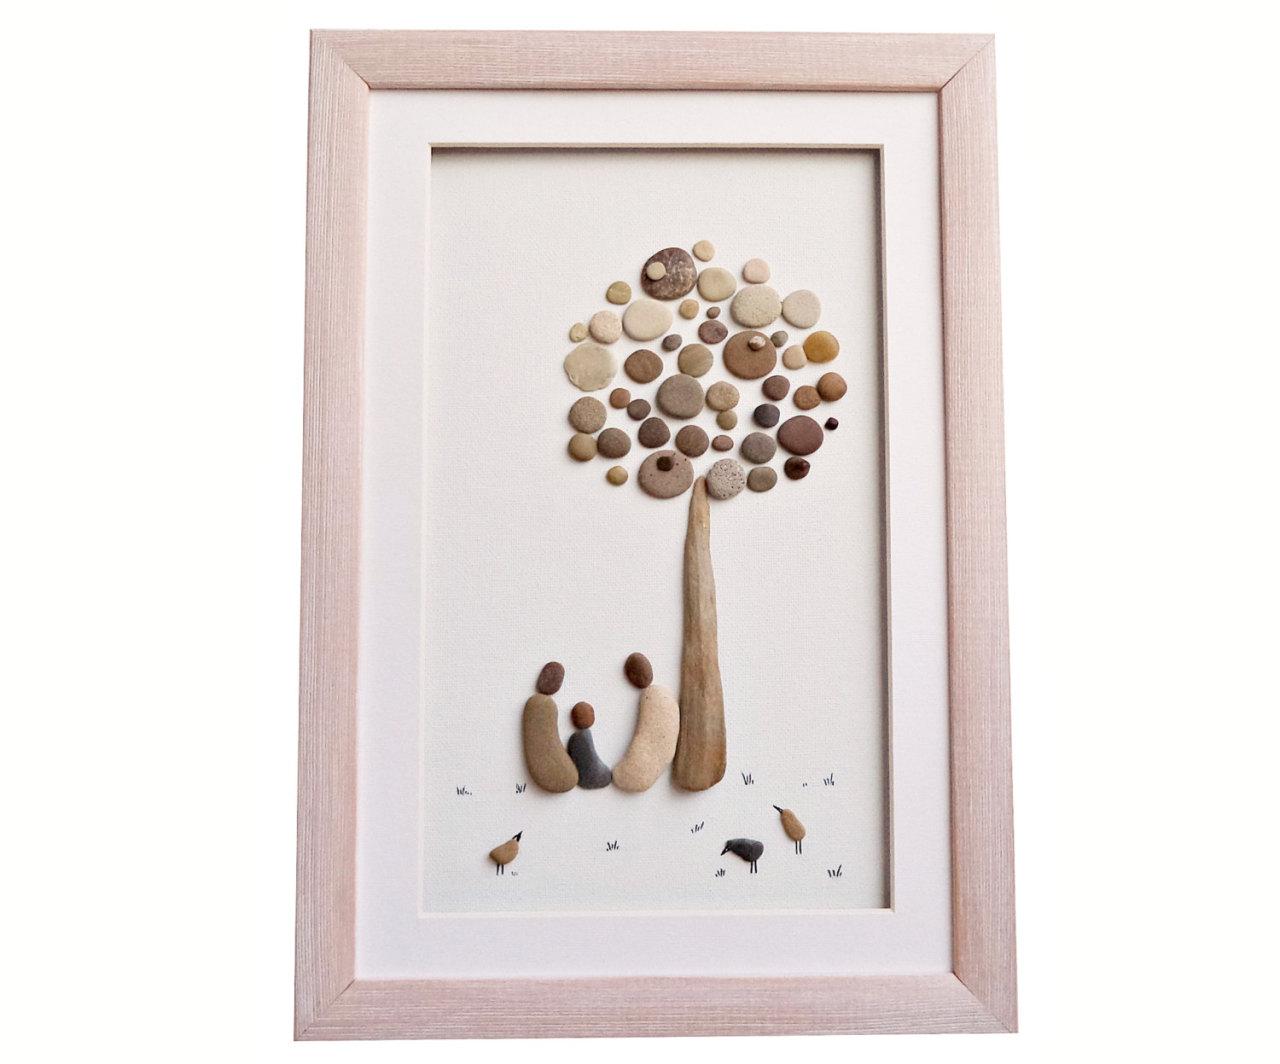 Handicraft Home Decor Items